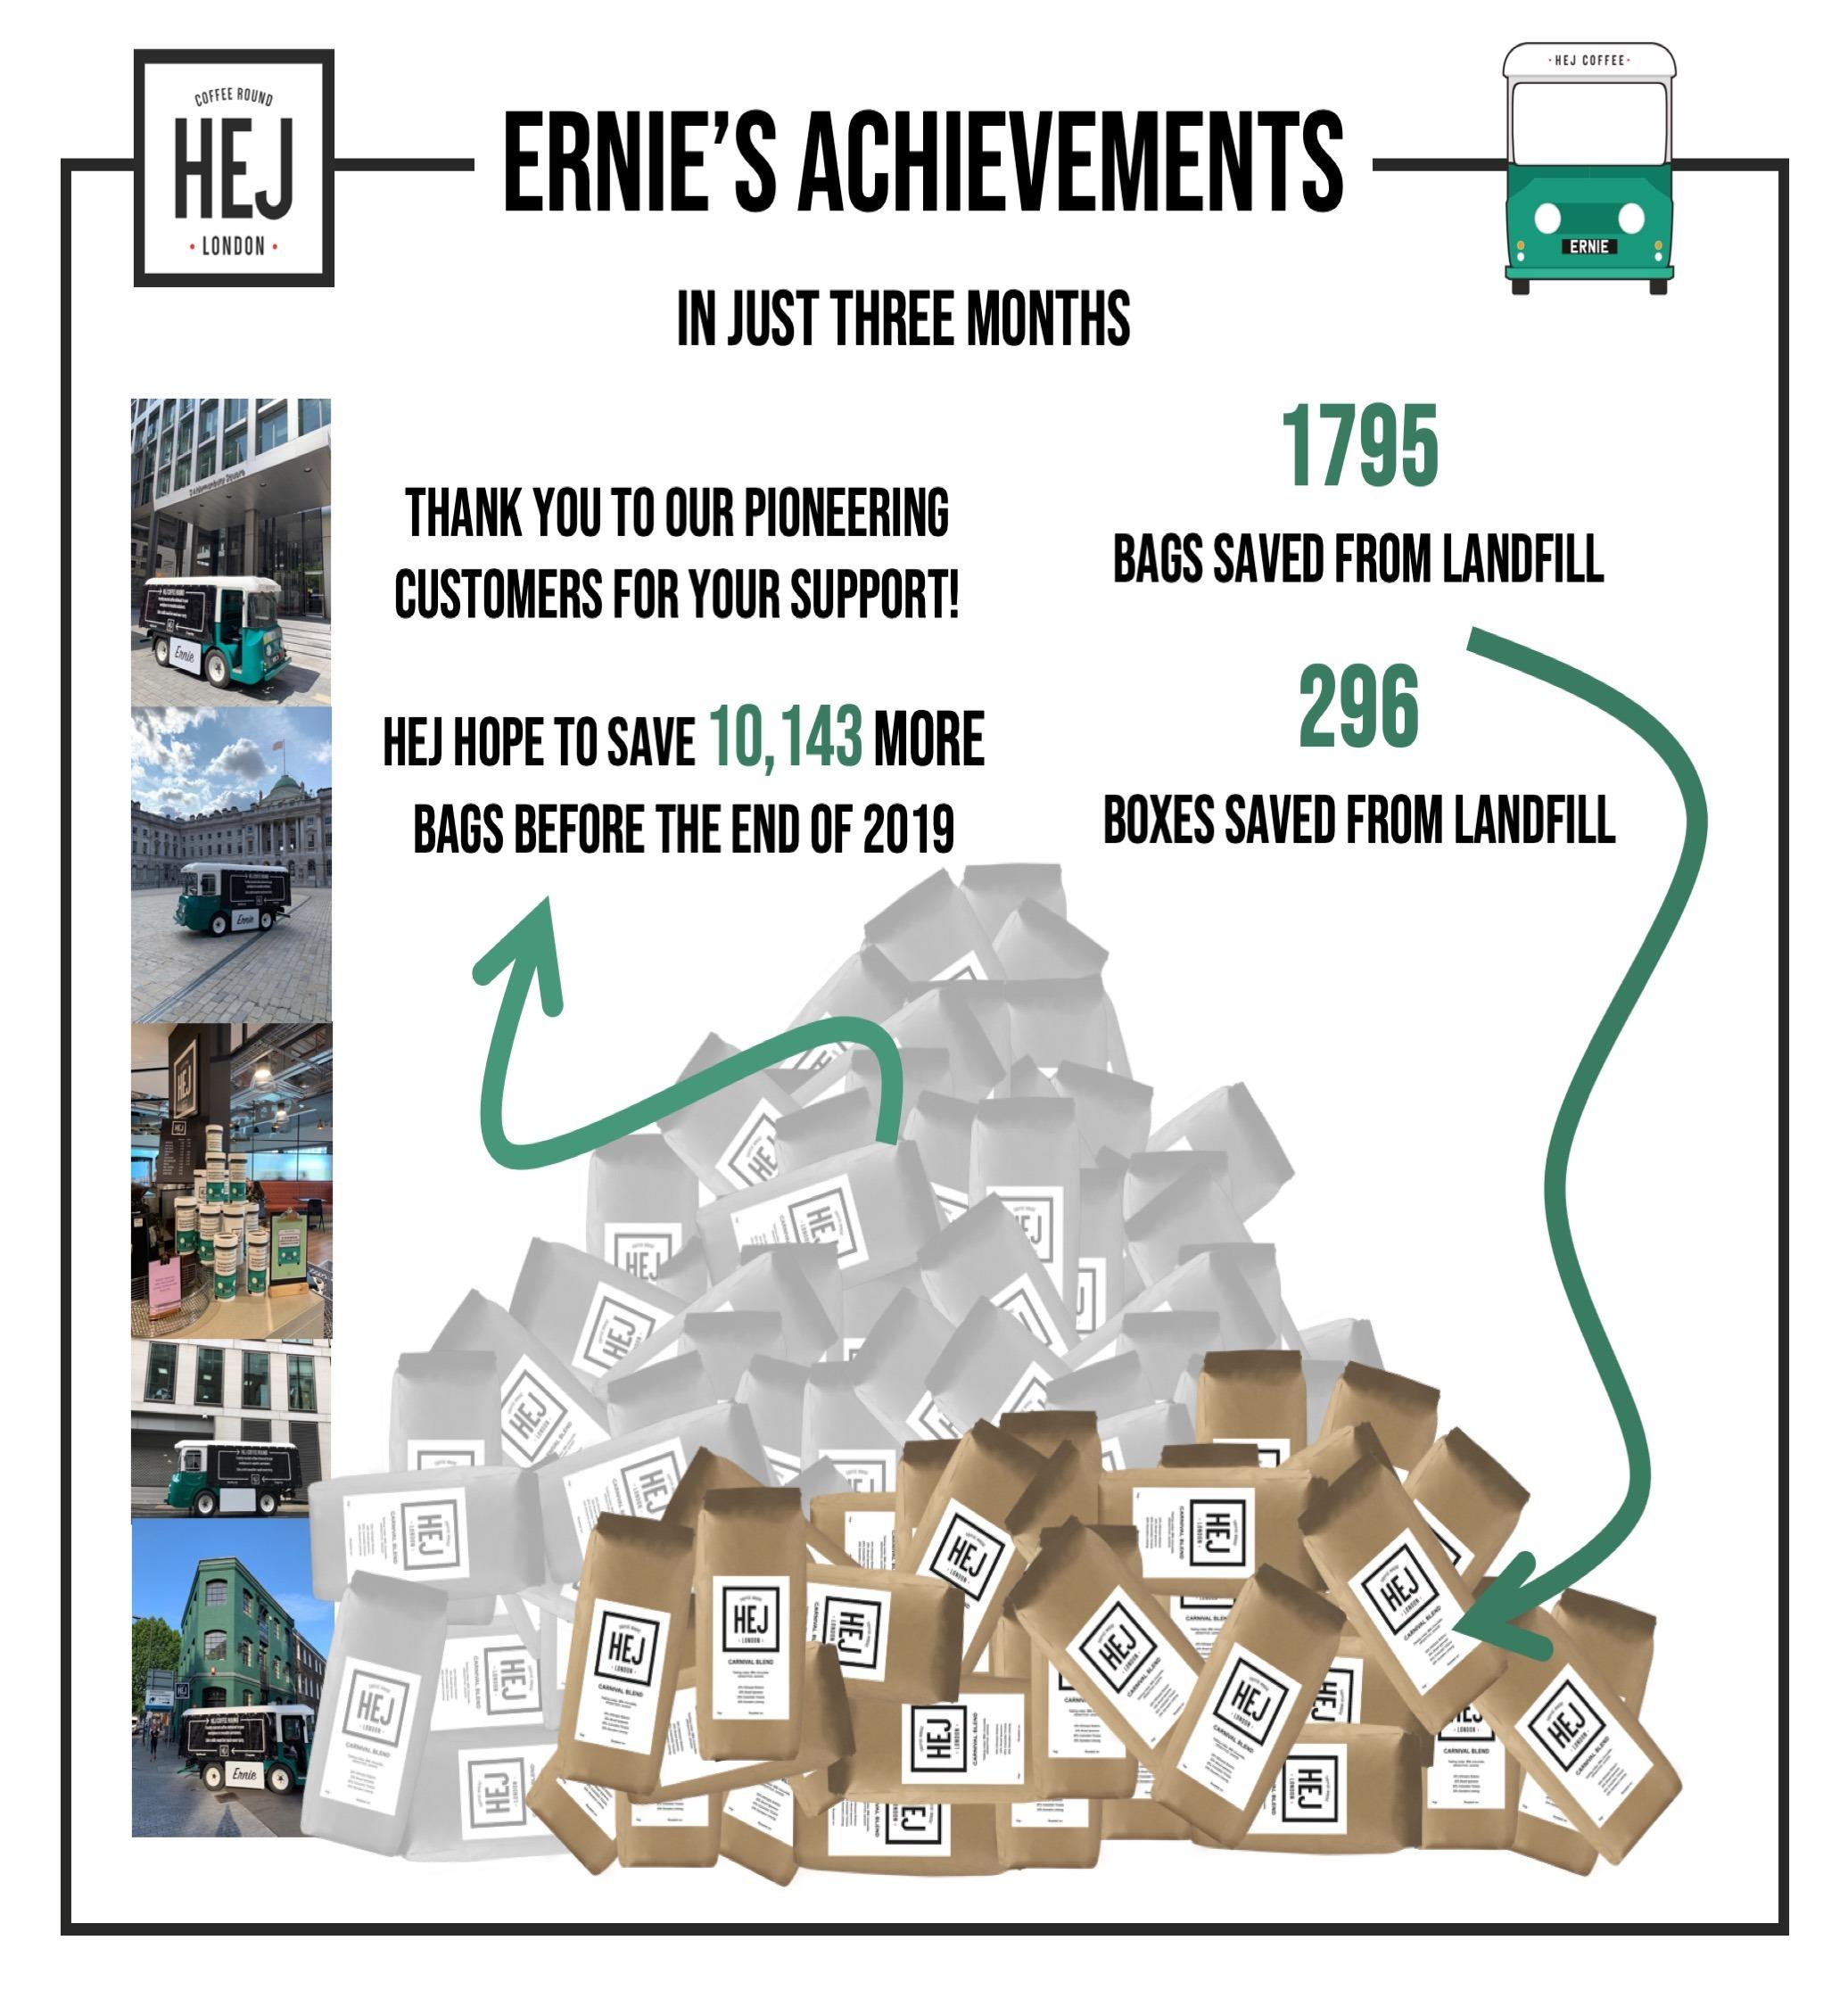 Ernies Achievements